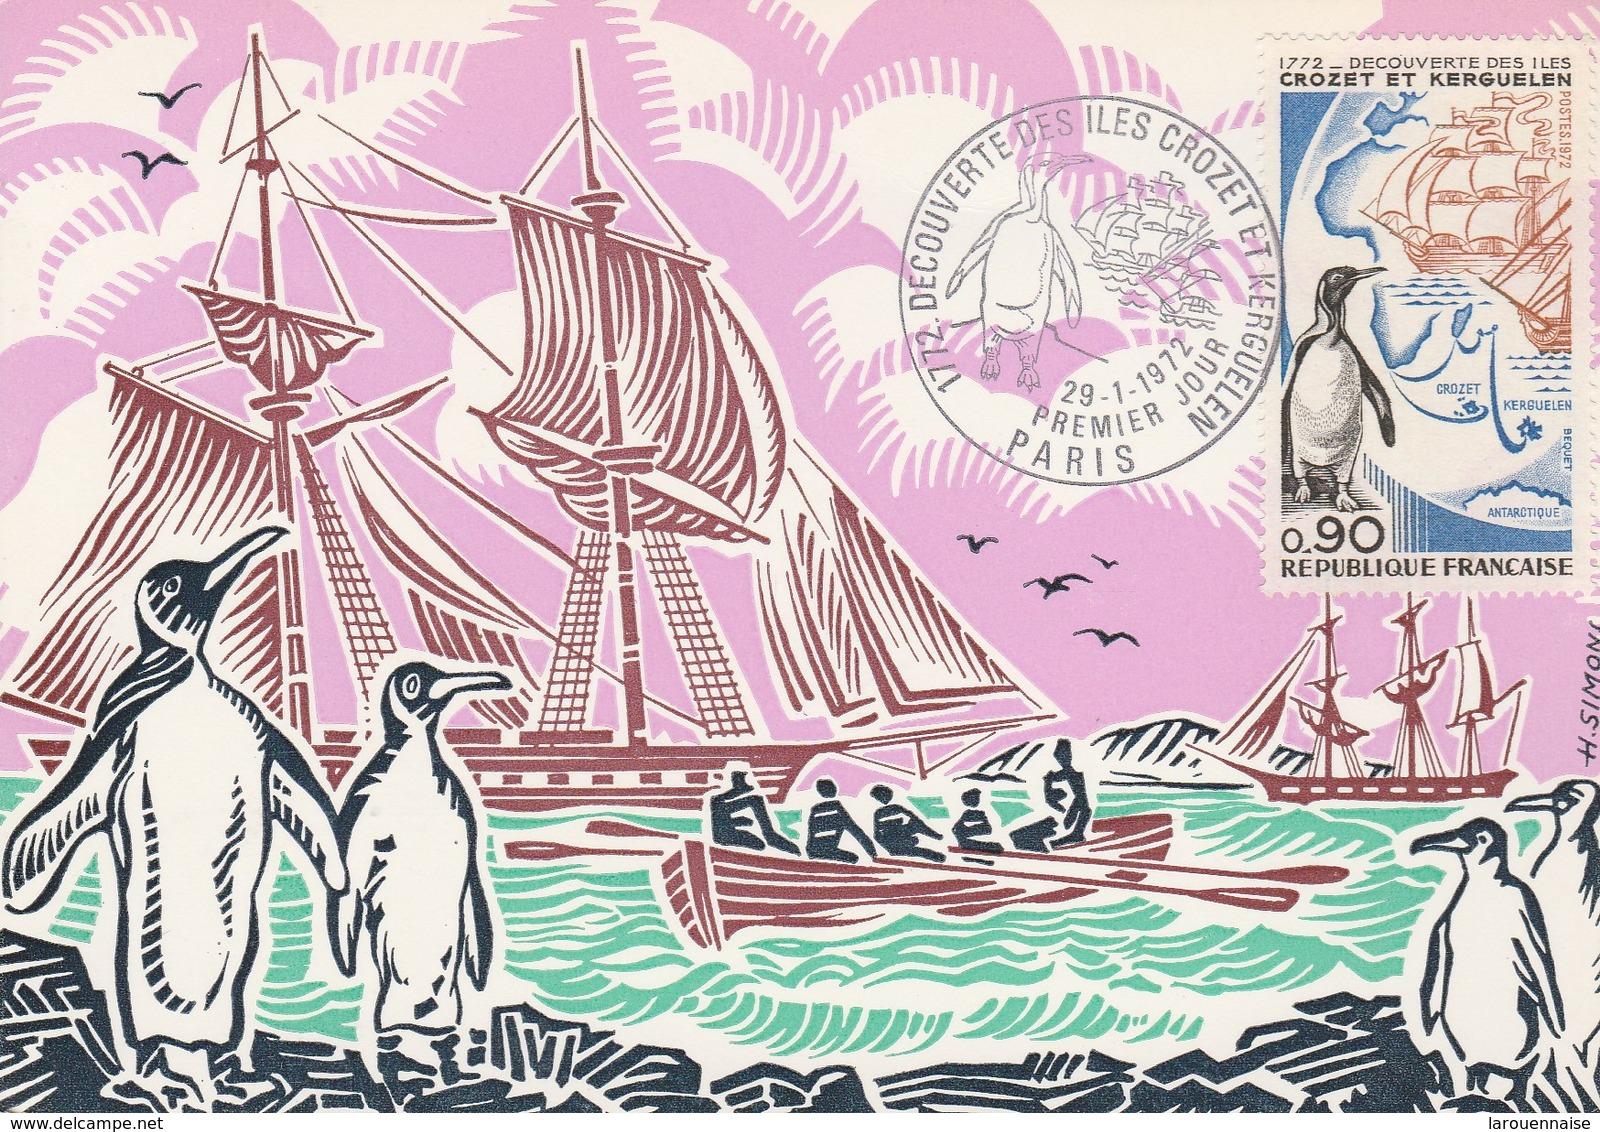 Expédition Polaire - Découverte Des Iles Crozet Et Kerguelen (carte Philatélique) - TAAF : Terres Australes Antarctiques Françaises